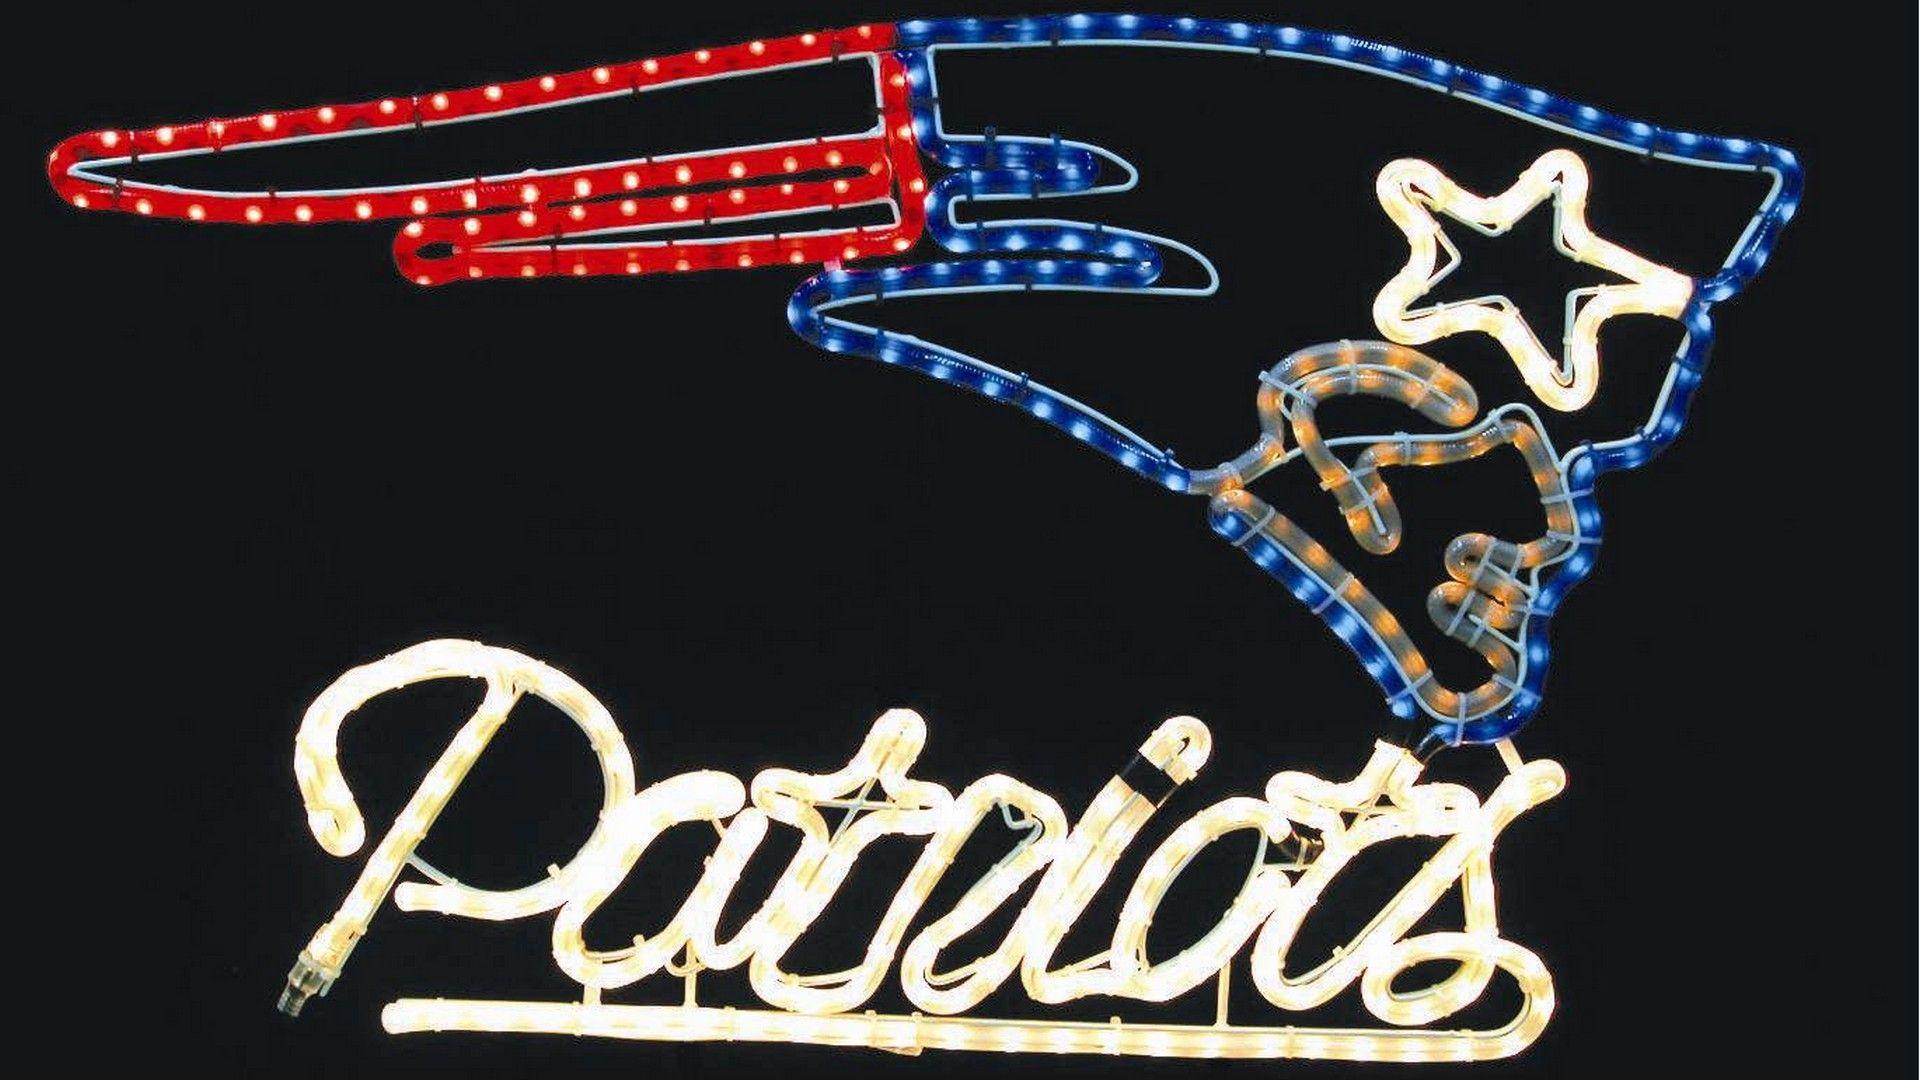 Backgrounds NE Patriots HD Patriots, Football wallpaper